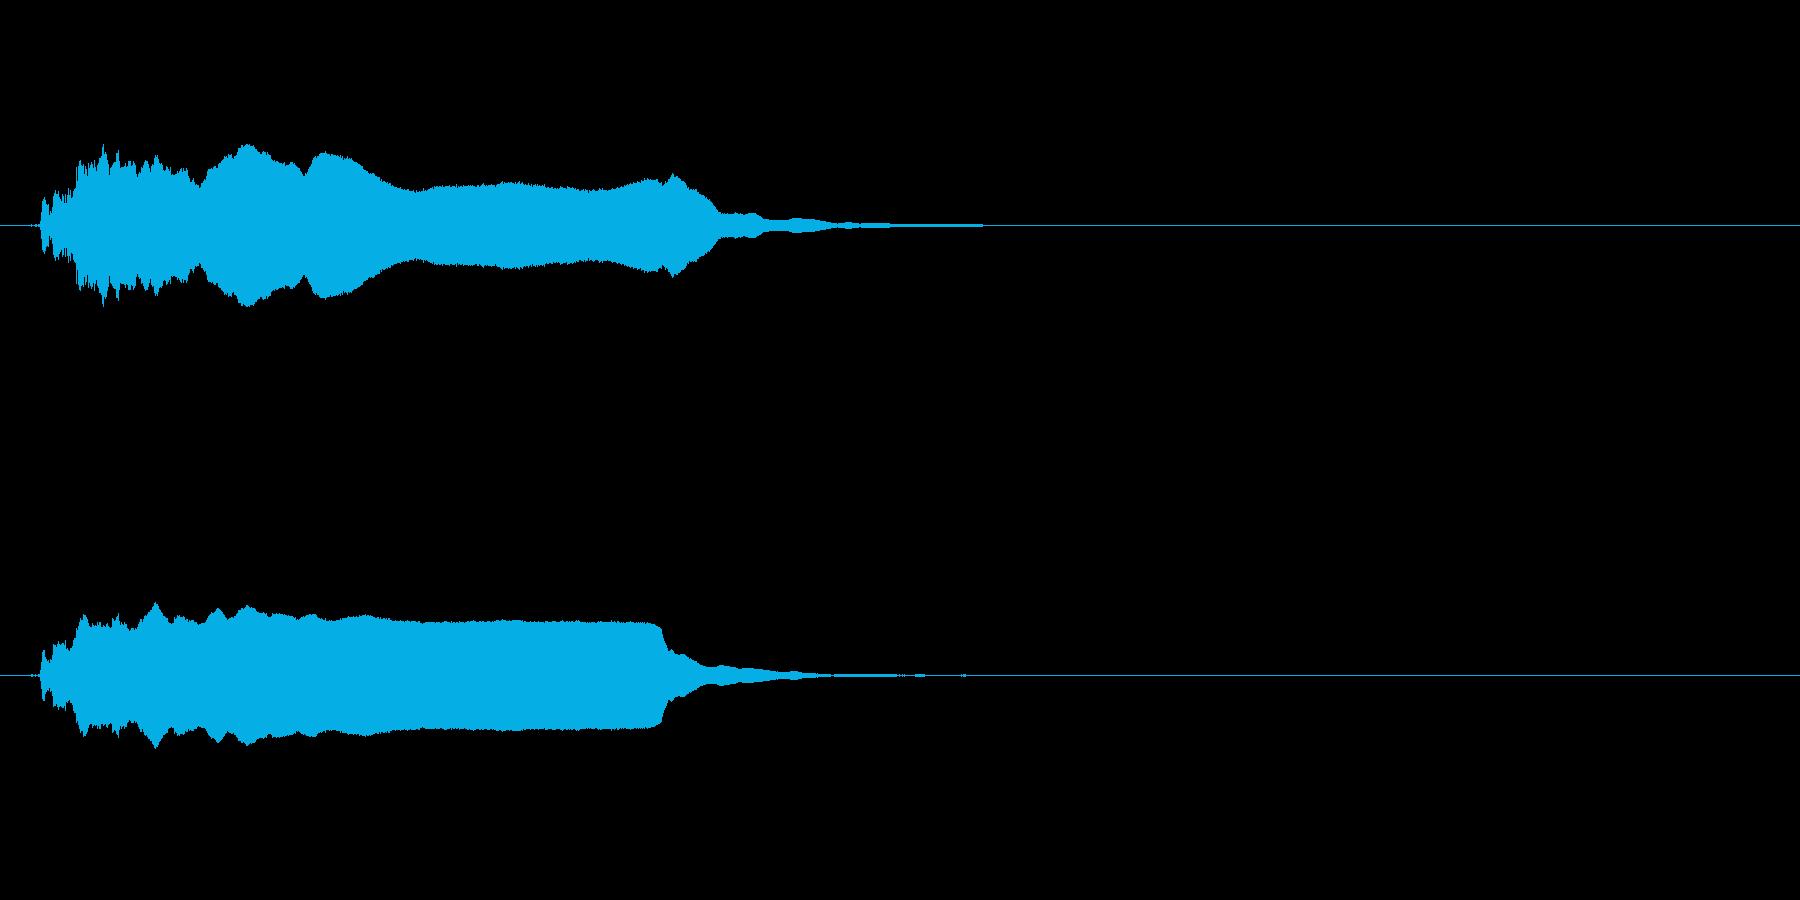 インテリア:シングルブラスト、ロン...の再生済みの波形